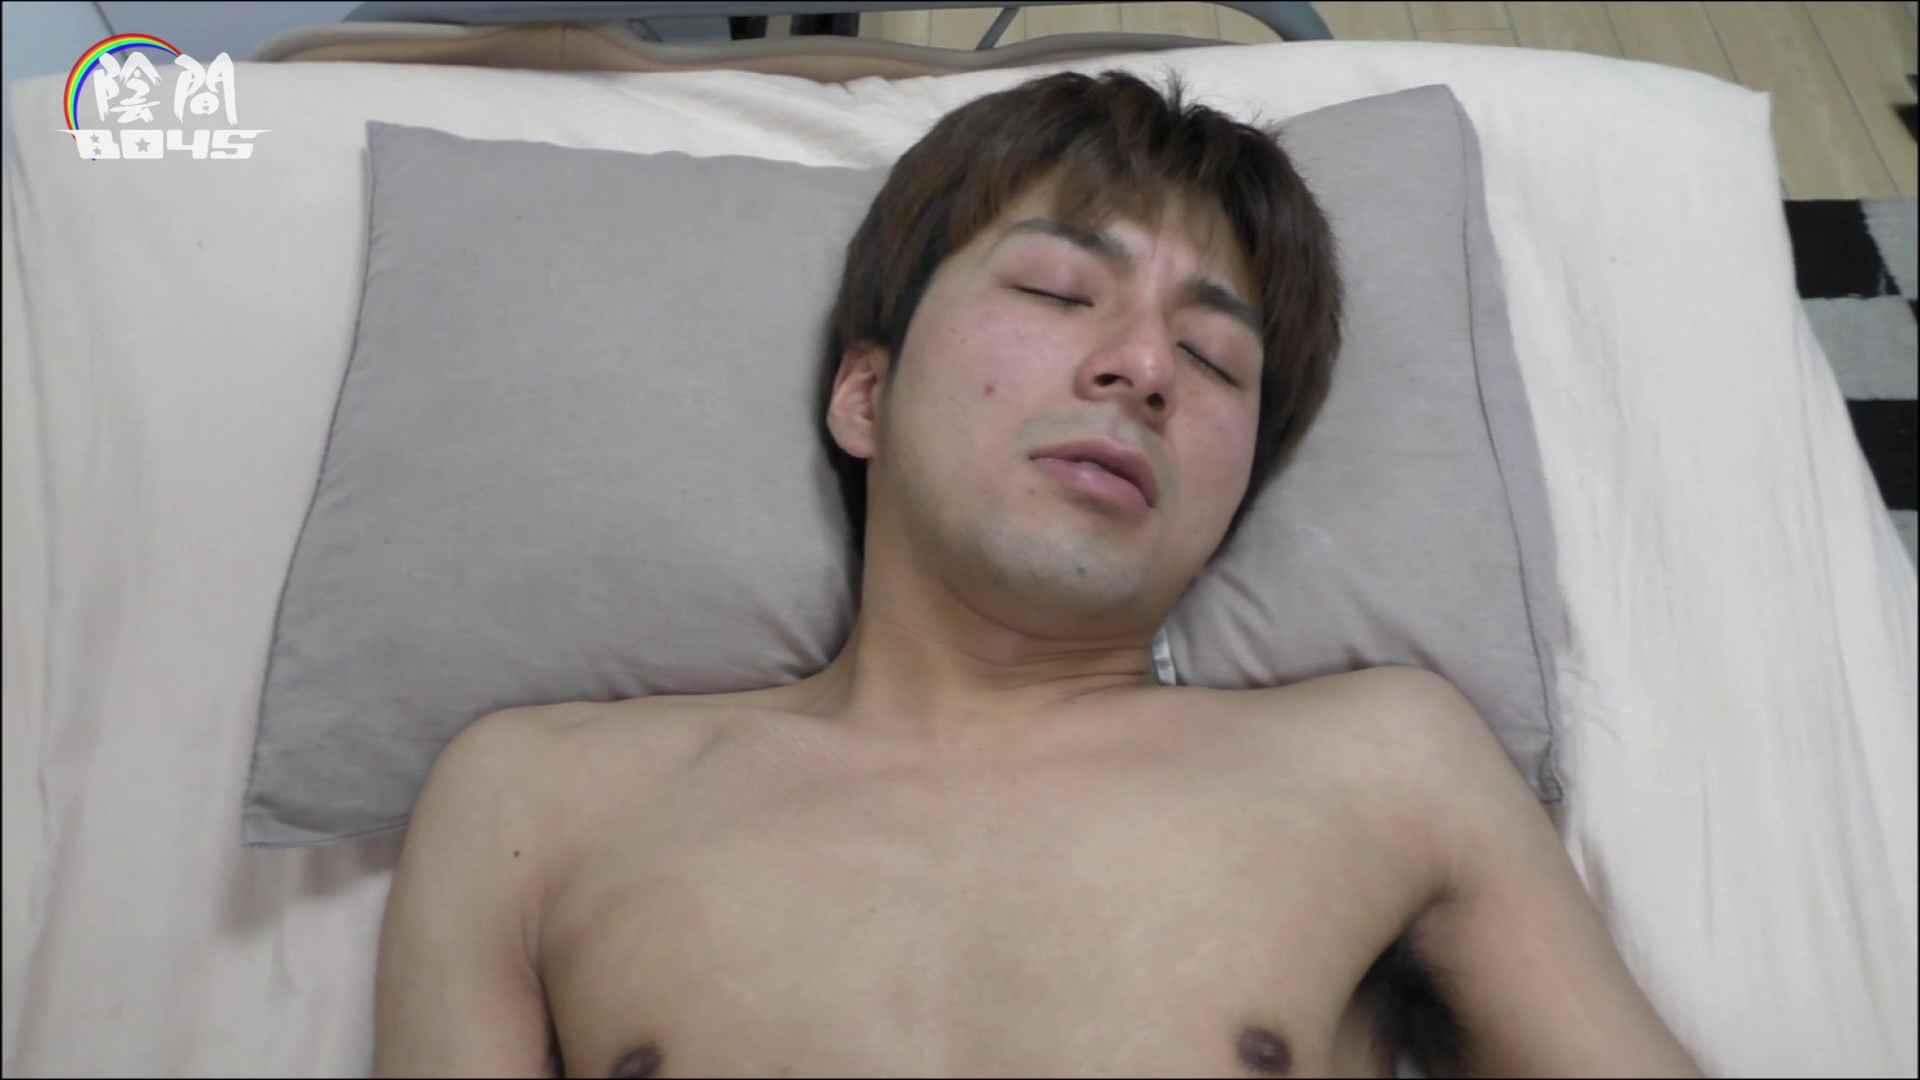 アナルは決して眠らない No.08 イメージ(av) ゲイヌード画像 82pic 47